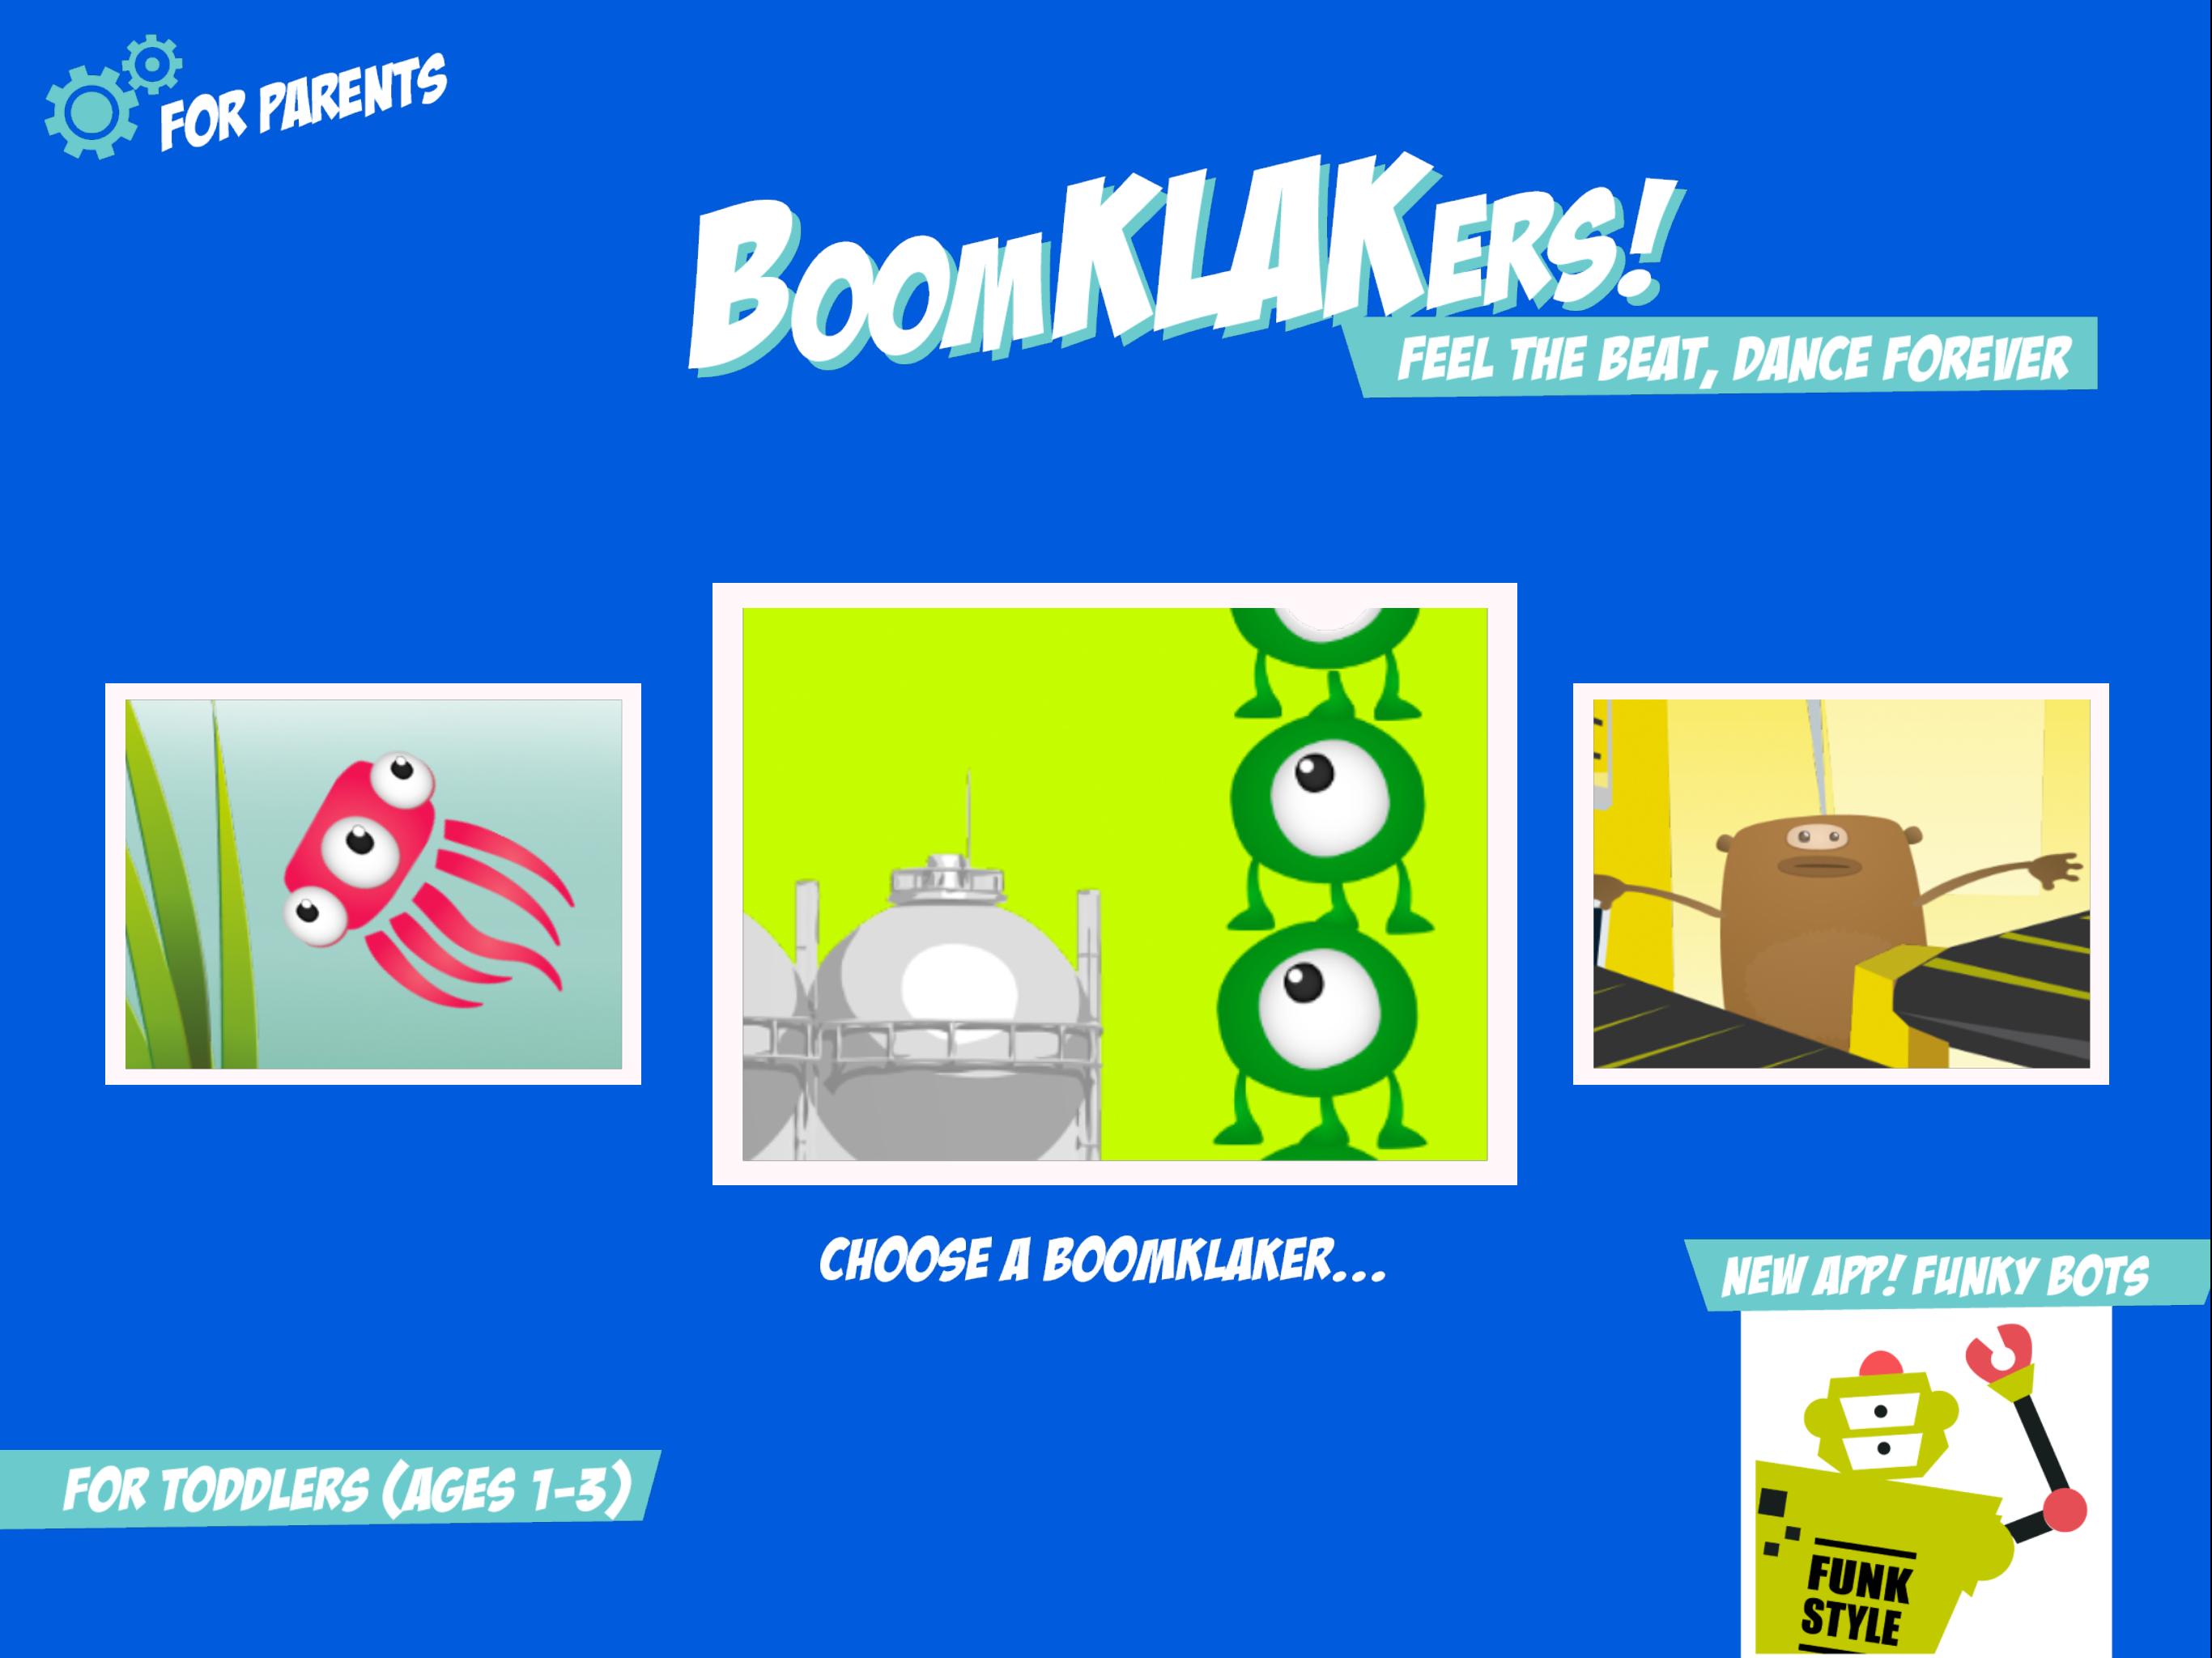 BoomKLAKers